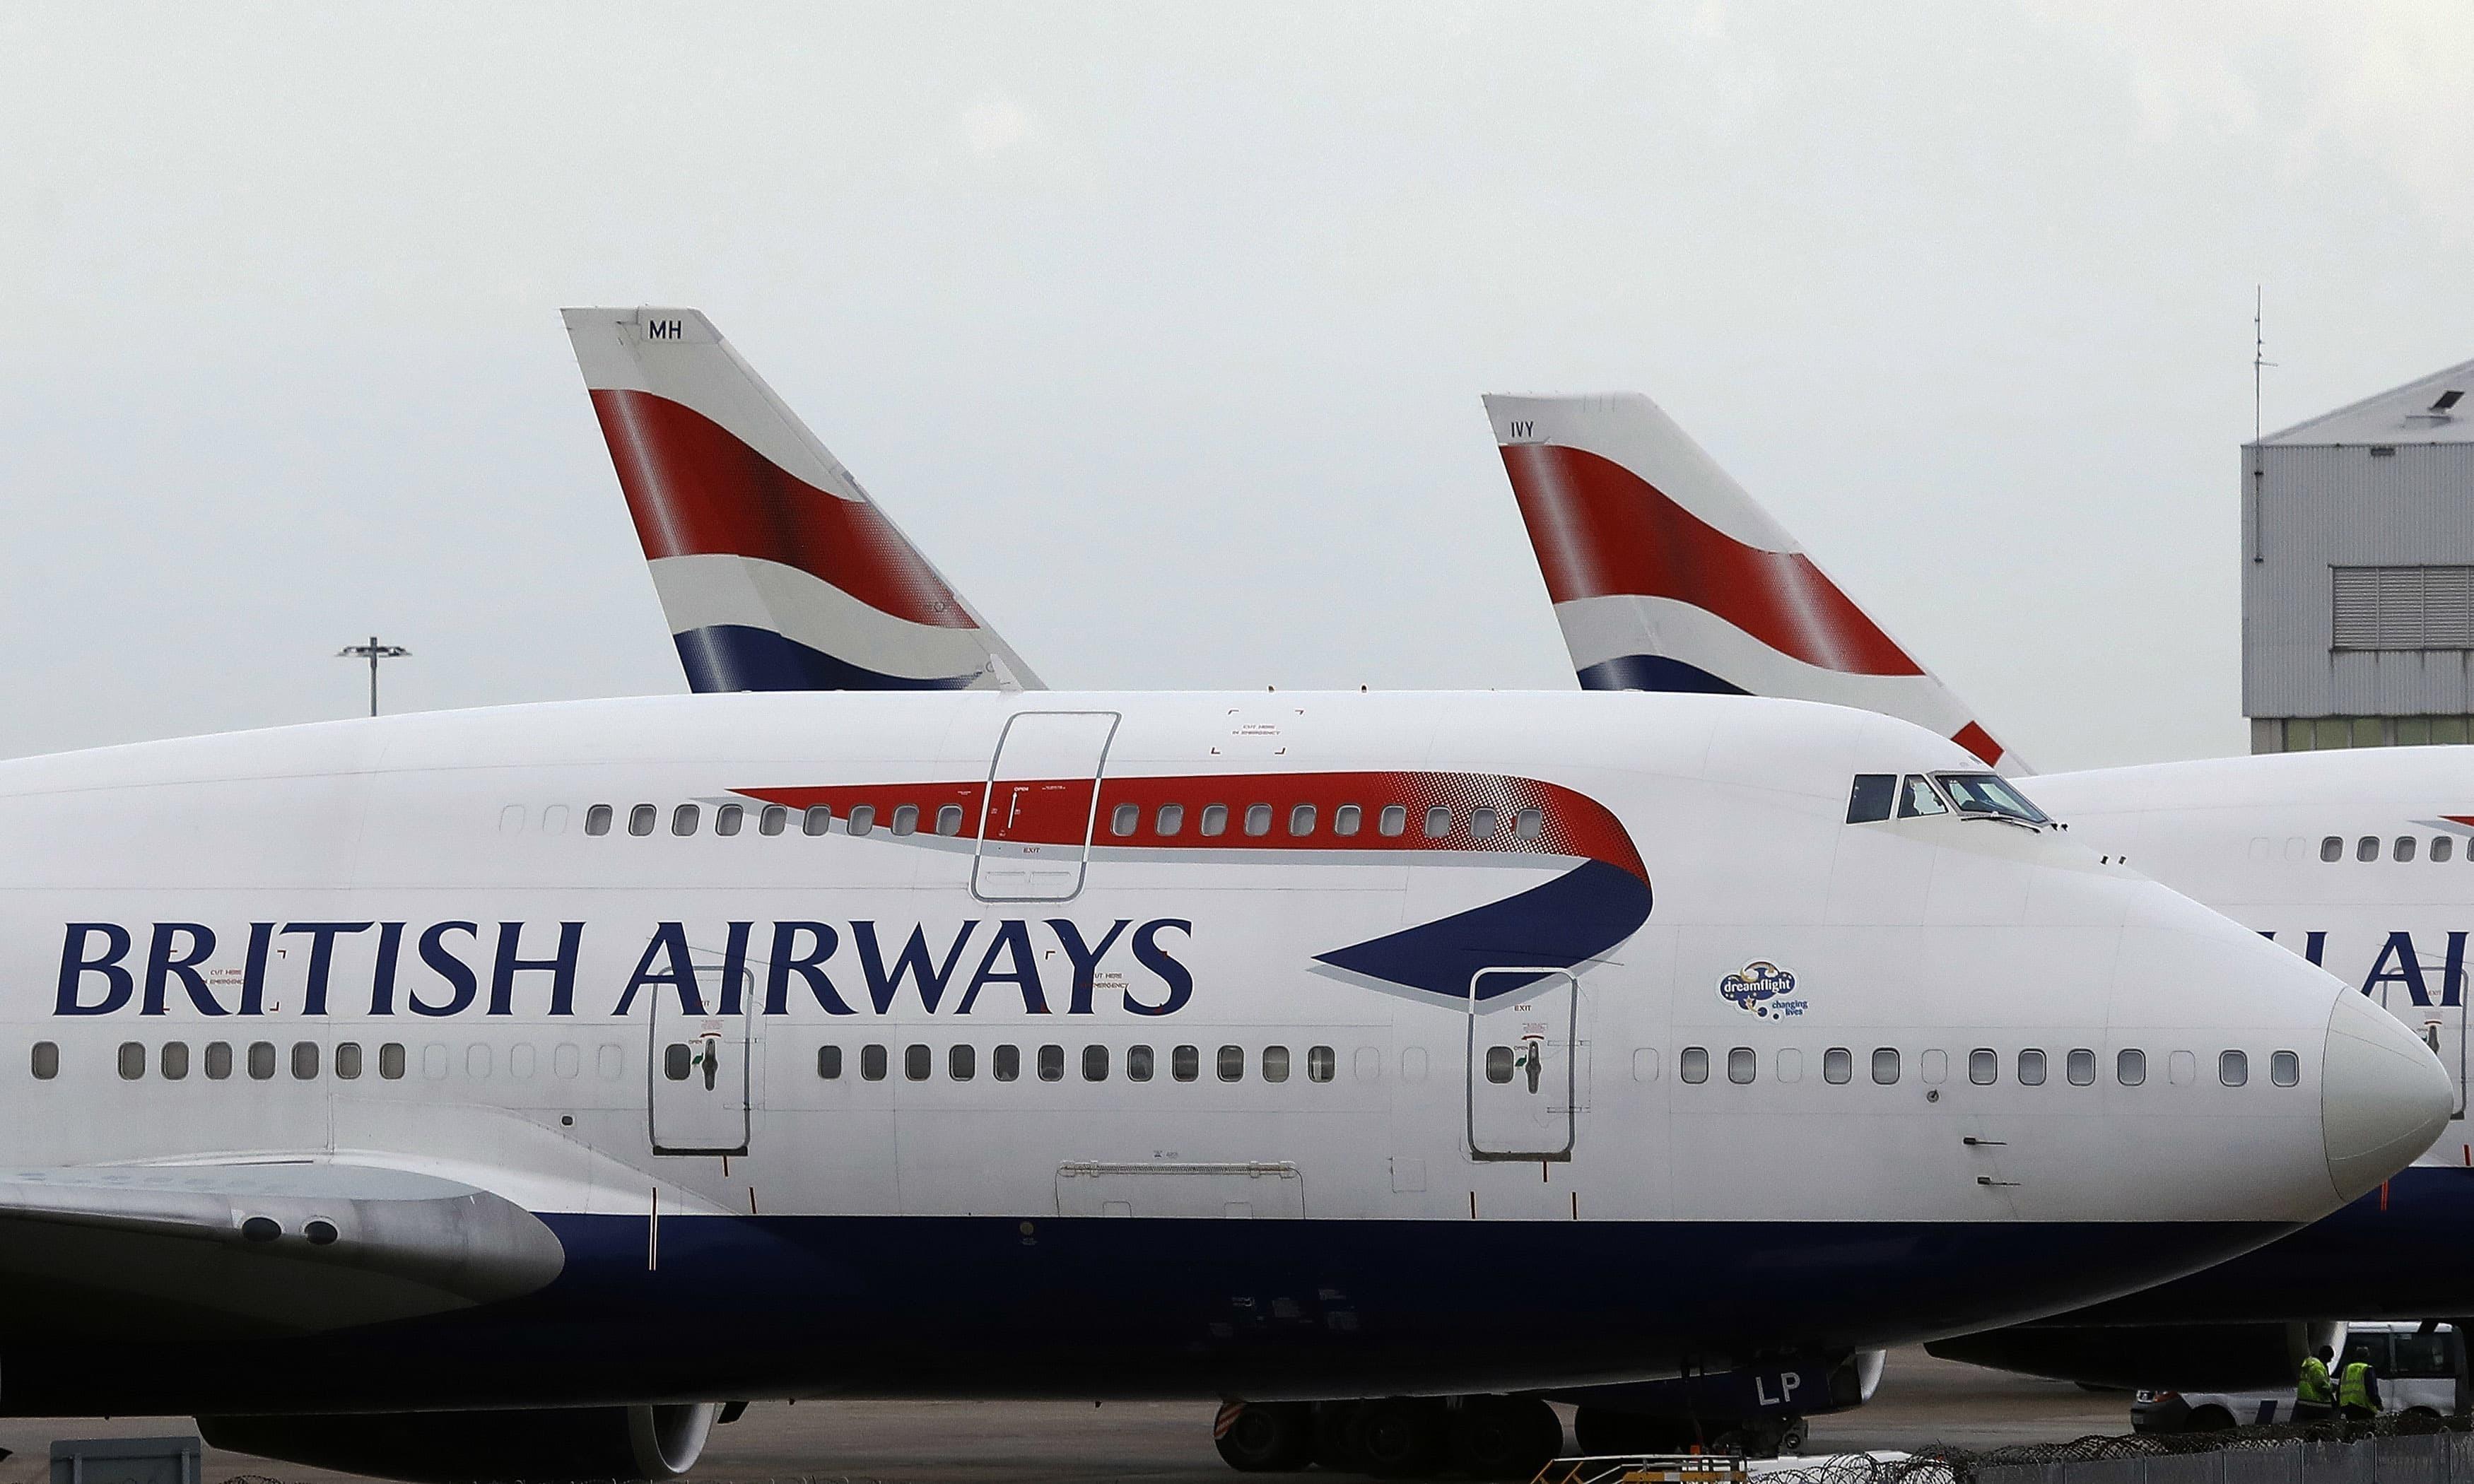 غلام سرور خان کے مطابق برطانوی ایئر لائن کی پہلی پرواز اسلام آباد انٹرنیشنل ایئرپورٹ پر 3 جون کی صبح 9 بج کر 25 منٹ پر پہنچے گی — فائل فوٹو/ اے پی